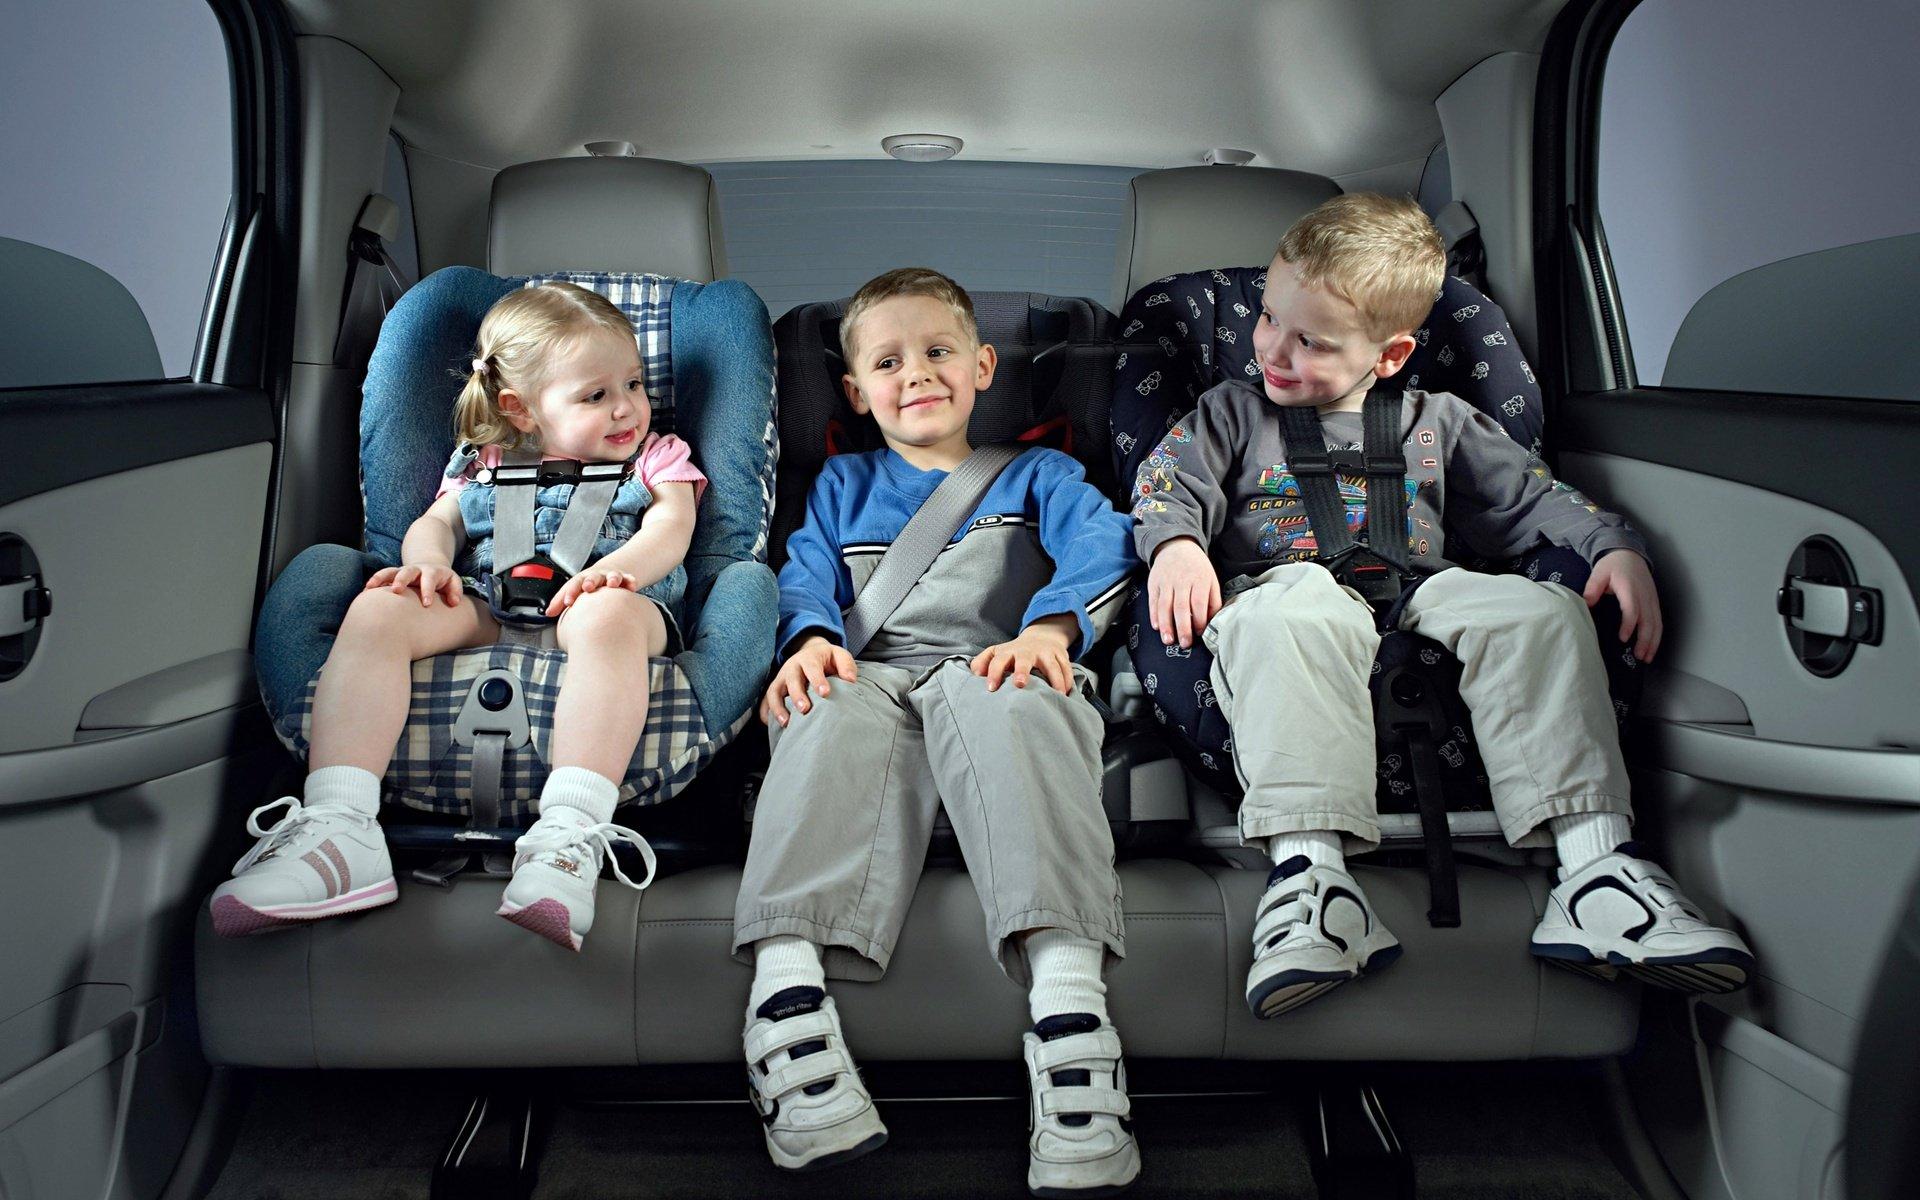 Ремни безопасности на детском кресле: очерки истории